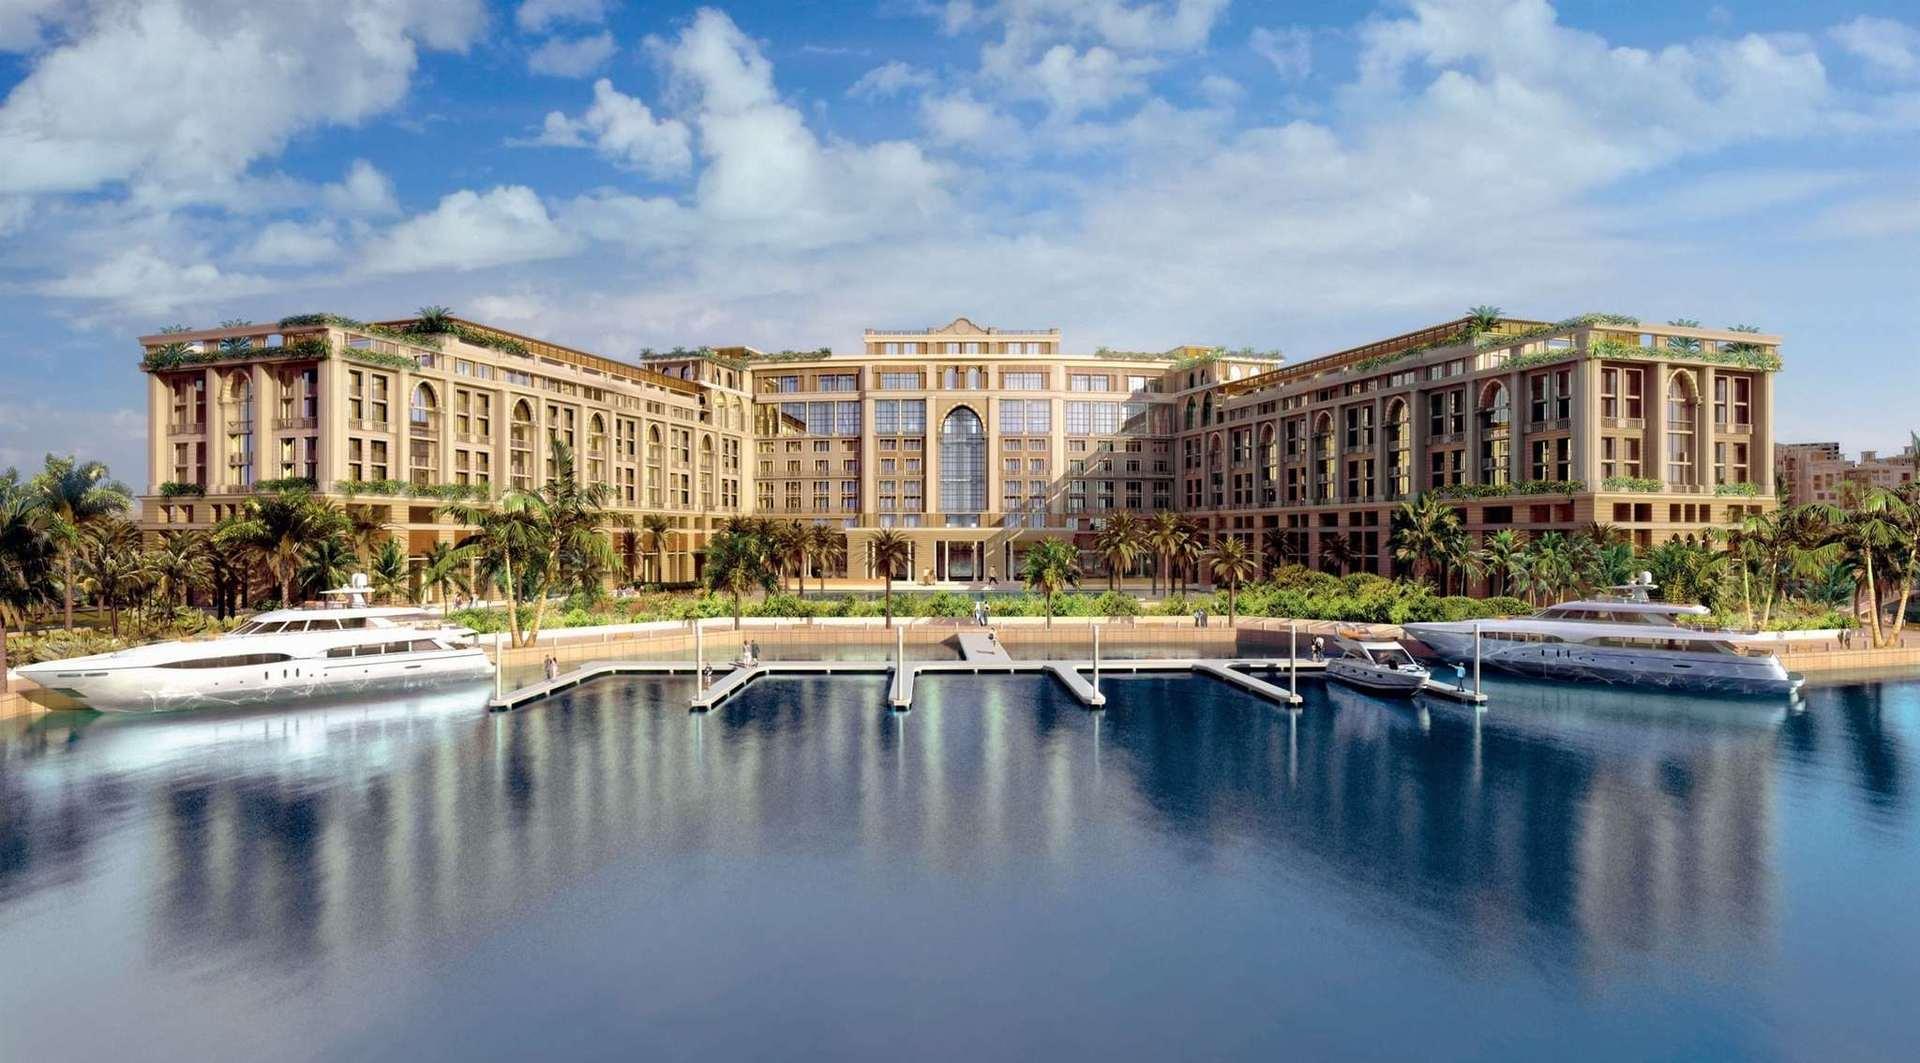 Готель Палаццо Версаче Дубай зручно розташований уздовж берега історичної Дубайської затоки, поїздка до центру міста триватиме всього 10 хв на авто.